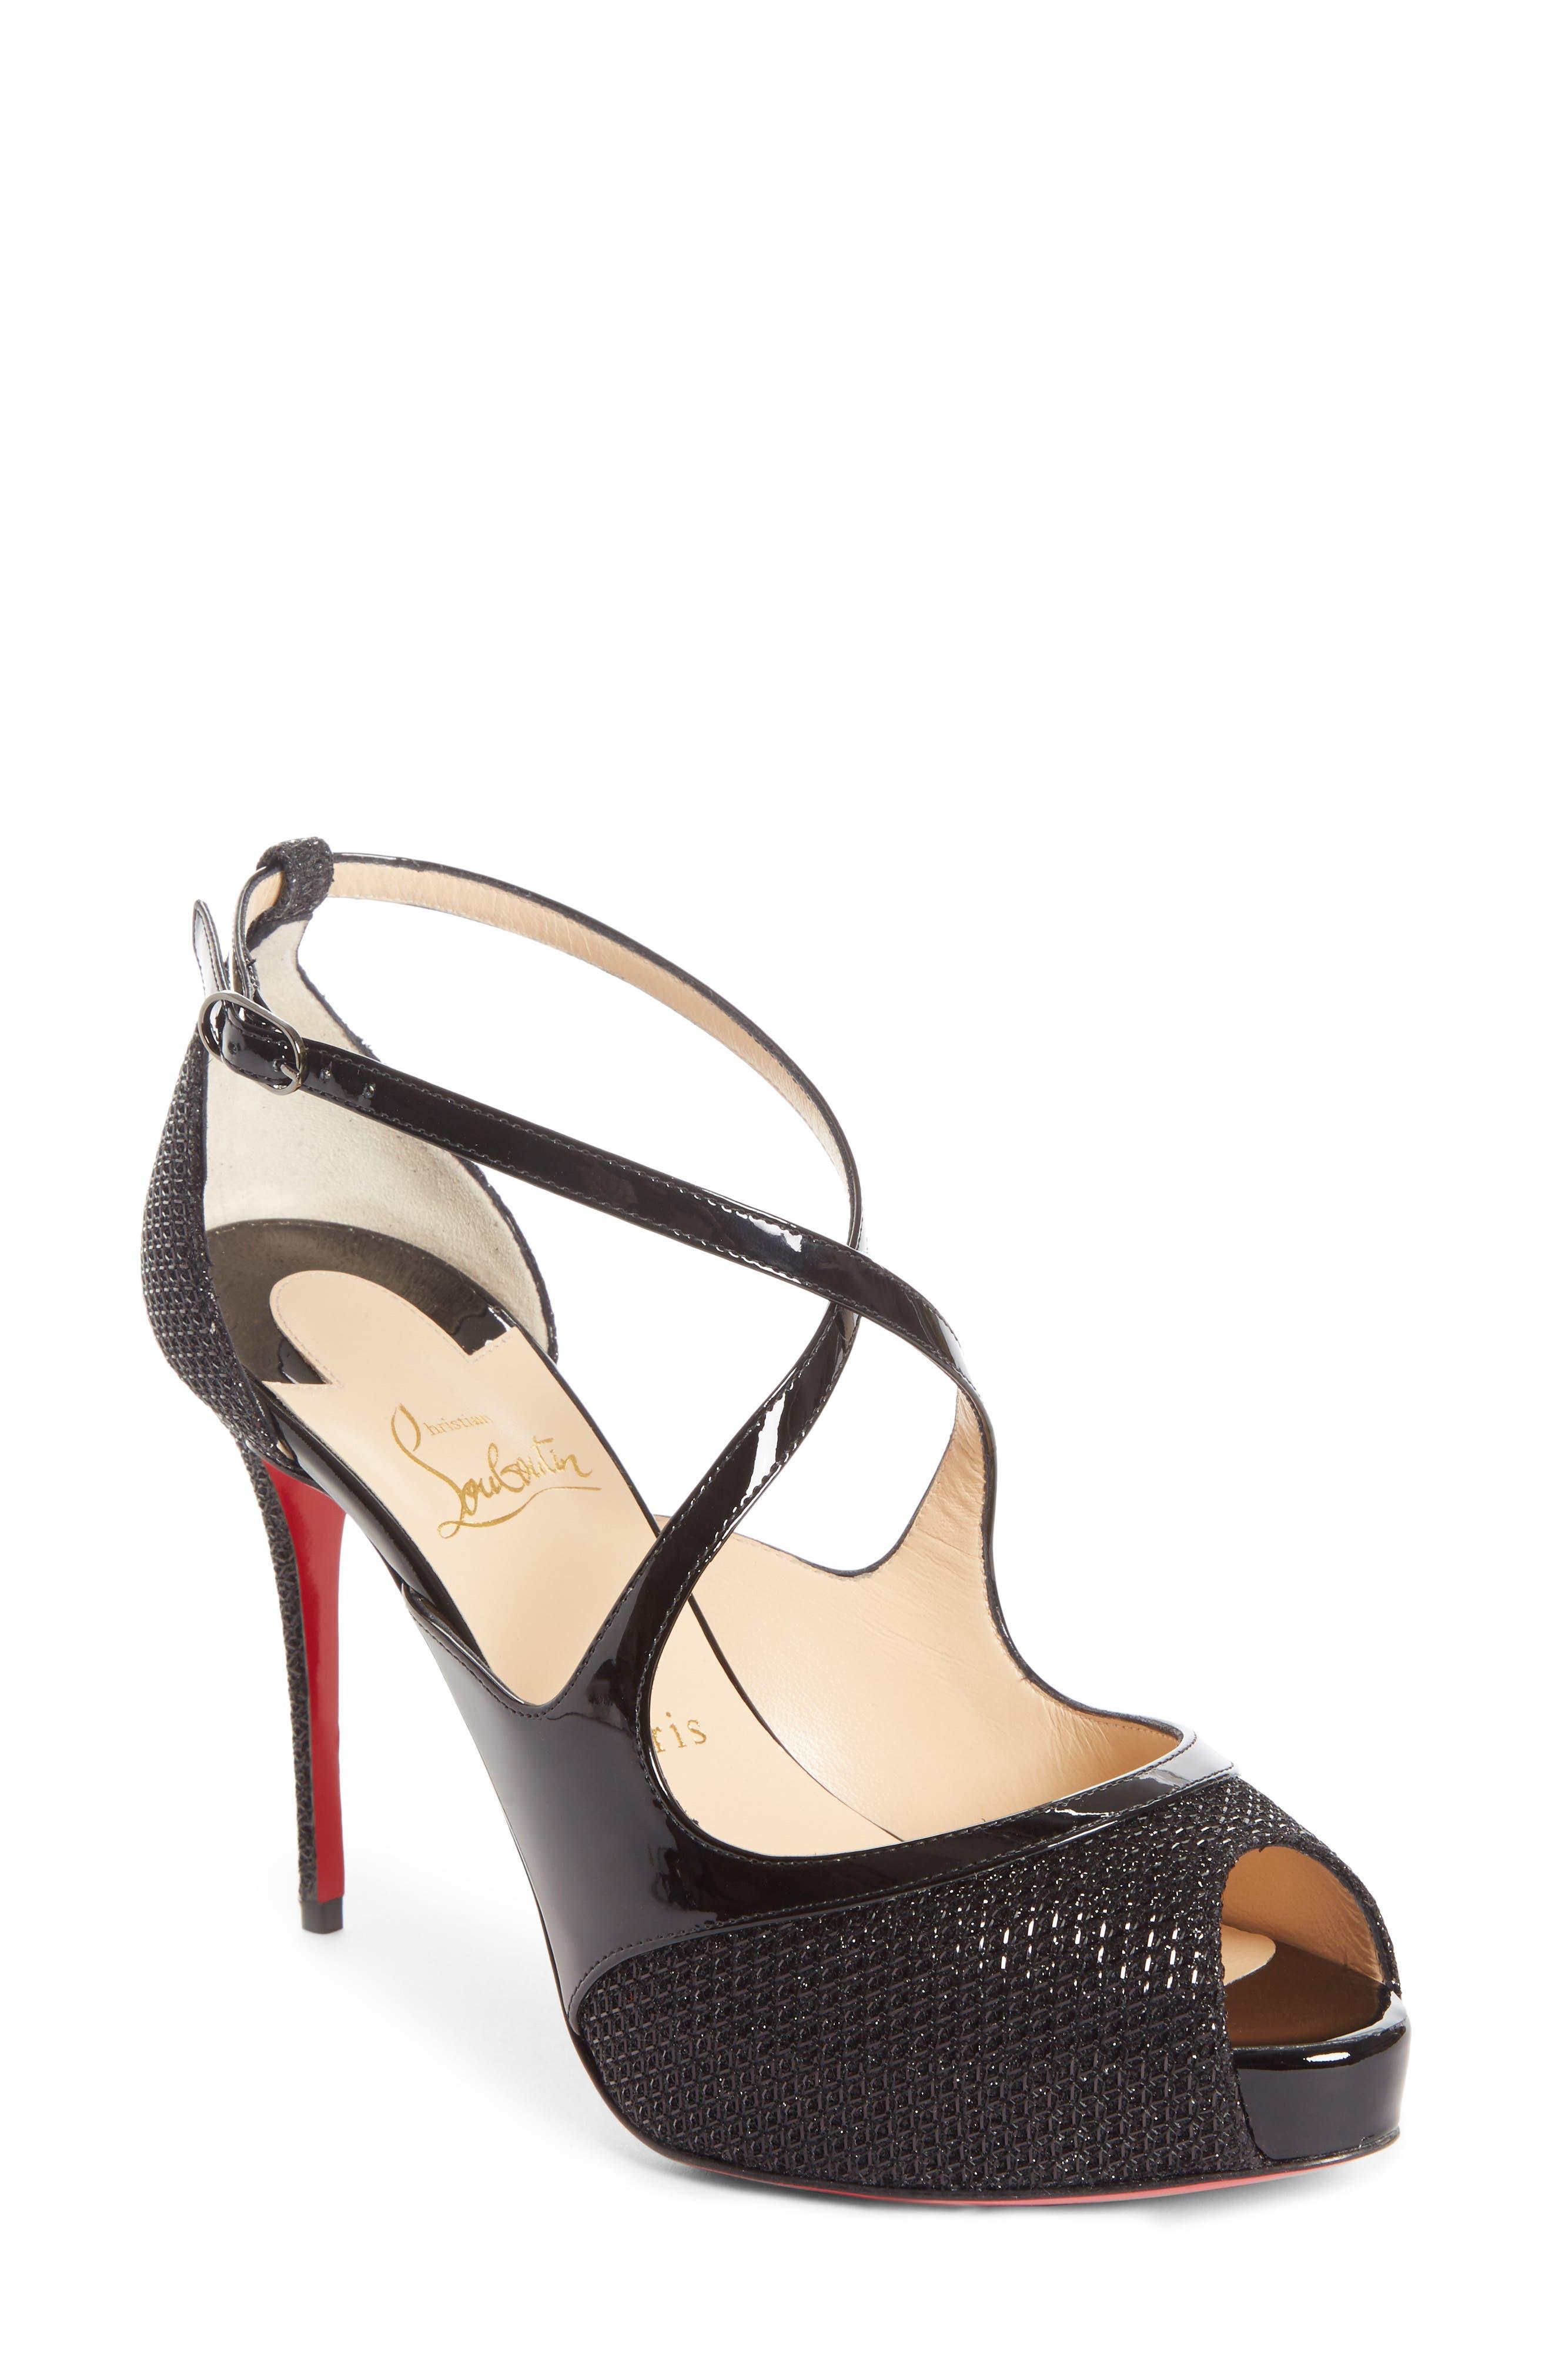 Mira Bella Sandal,                         Main,                         color, BLACK